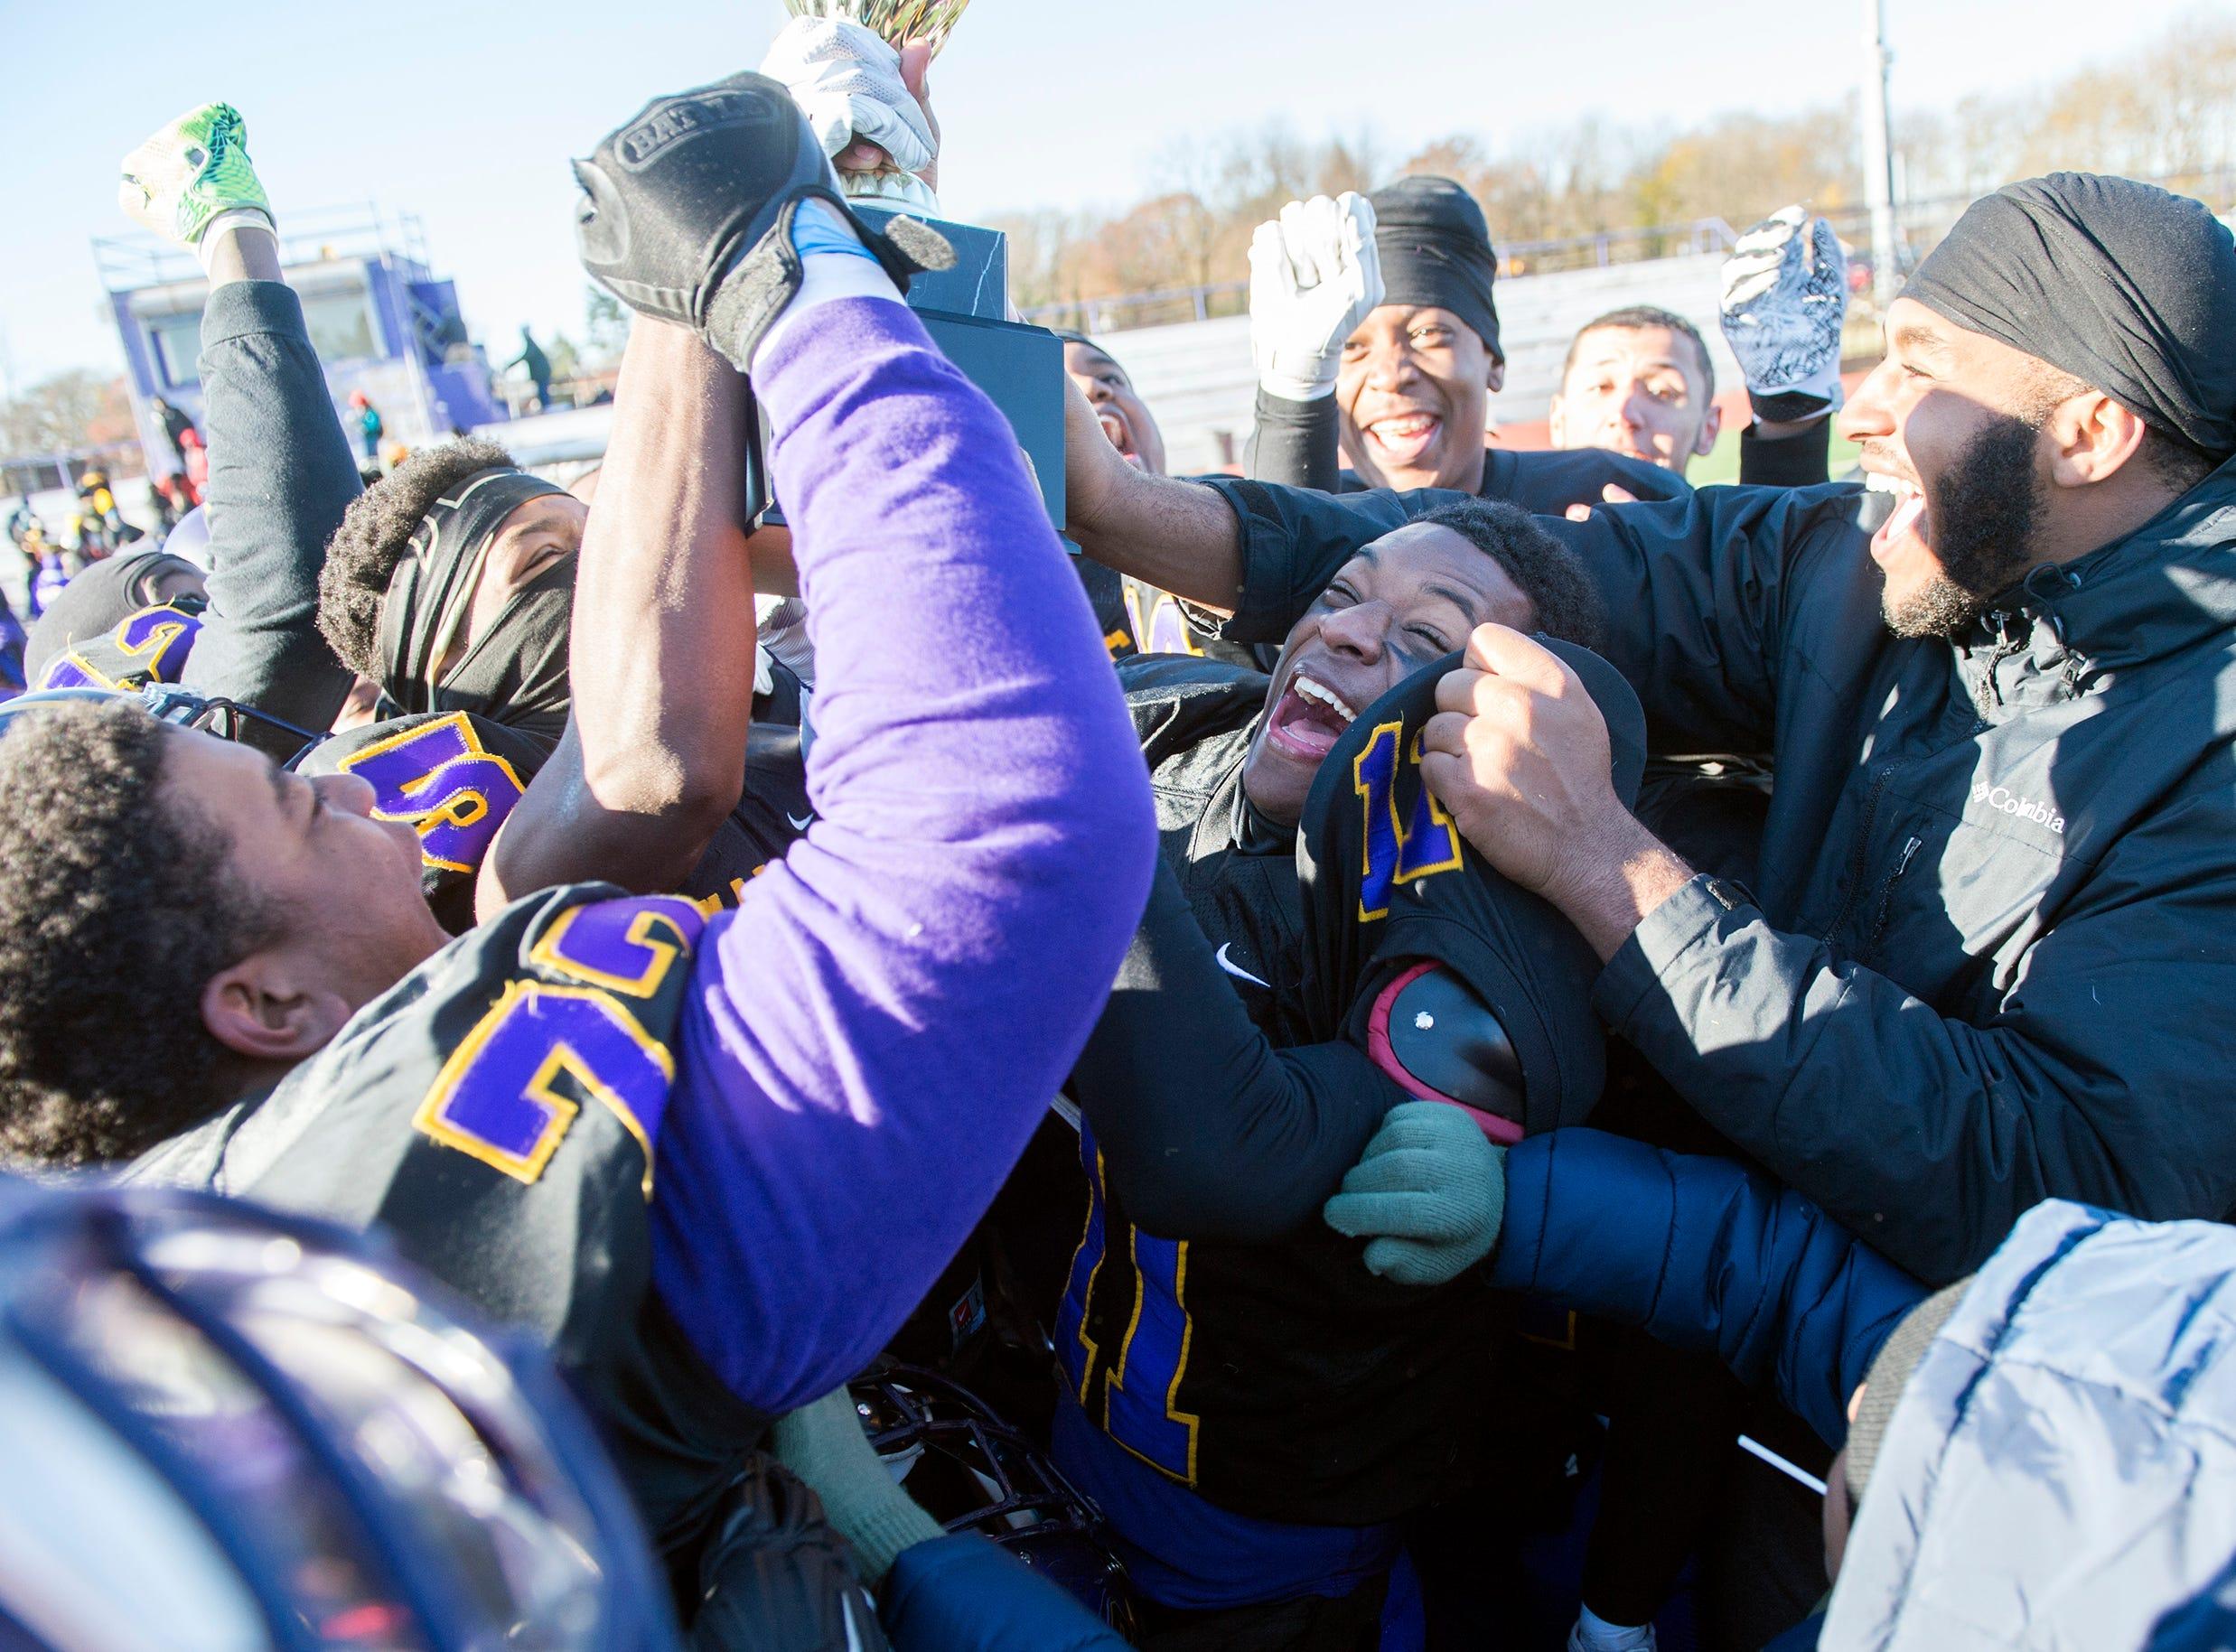 Camden teammates celebrate following an annual Camden-Woodrow Wilson Thanksgiving game Thursday, Nov. 22, 2018 in Camden, N.J. Camden won 39-28.